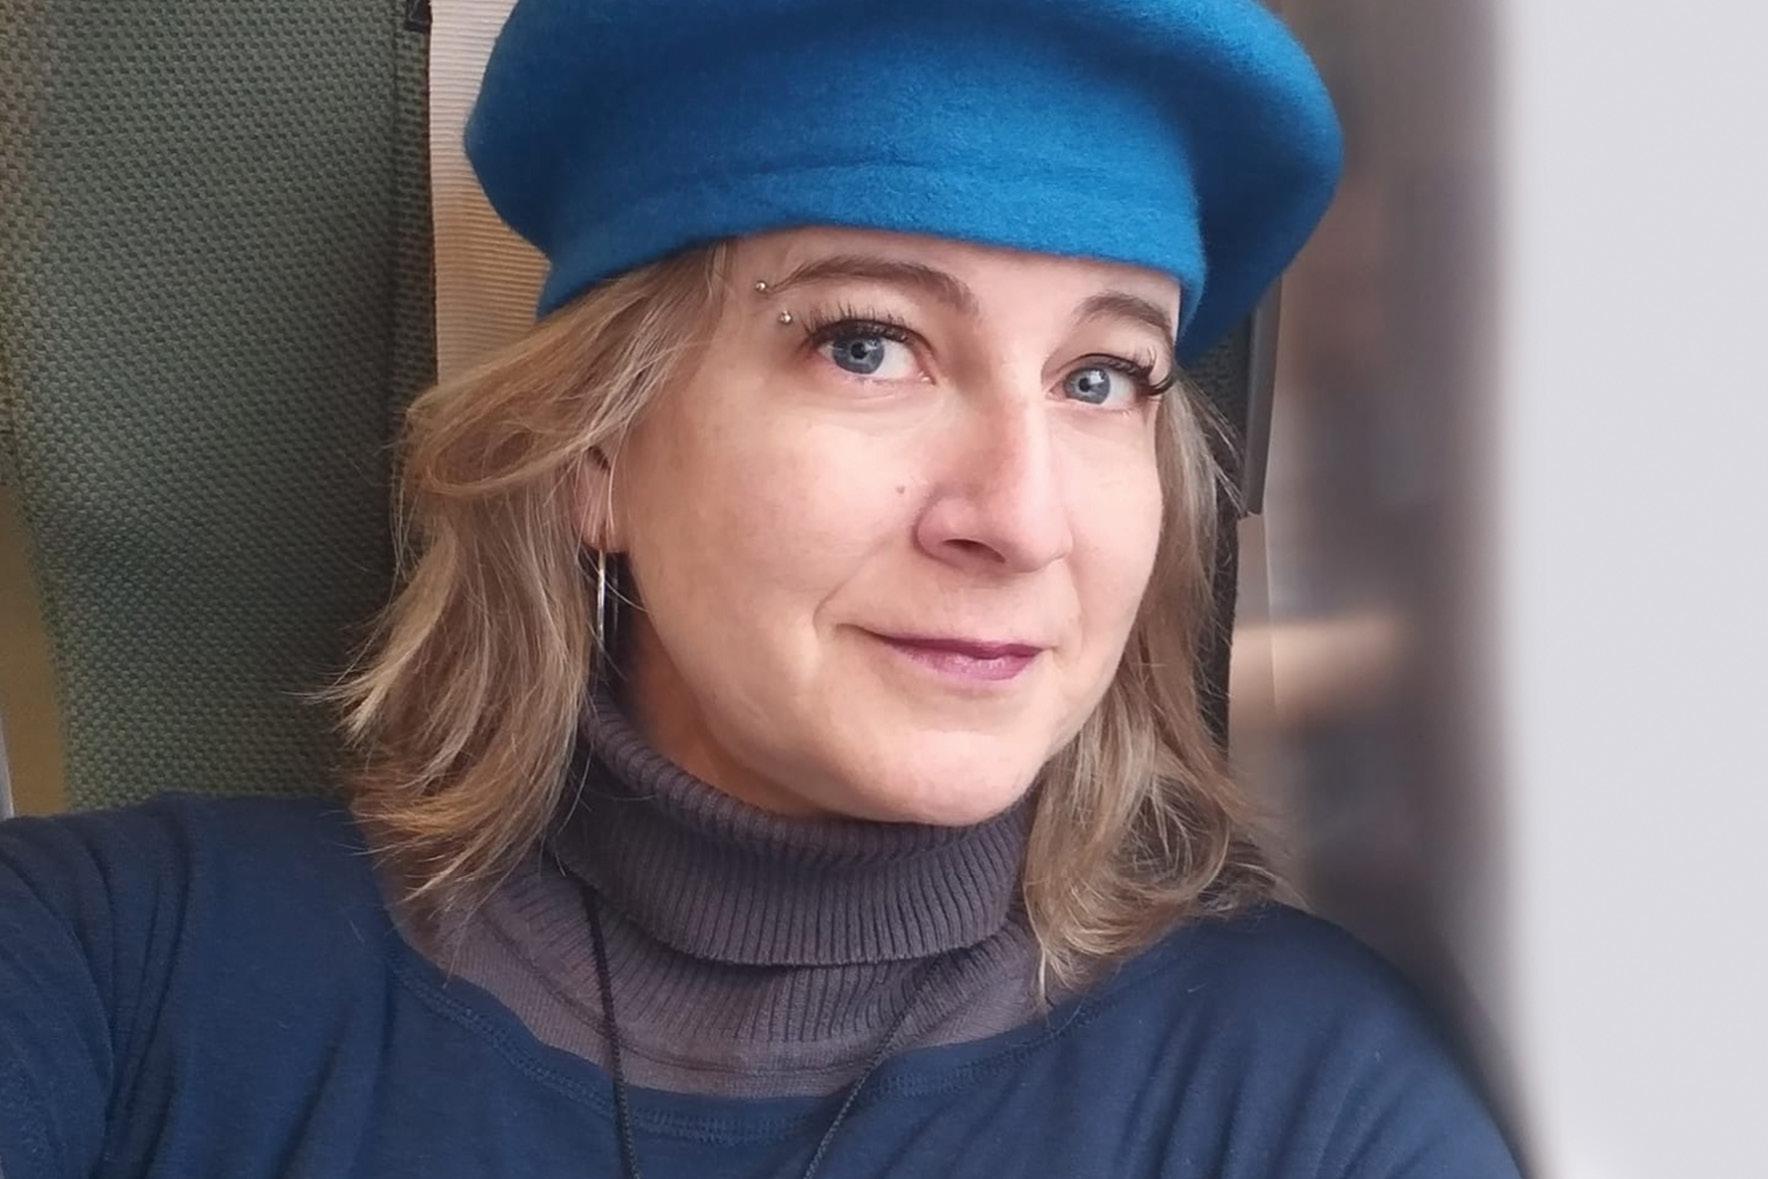 Selfie de mulher branca, com cabelos loiros curtos. Ela usa uma boina azul e uma blusa da mesma cor